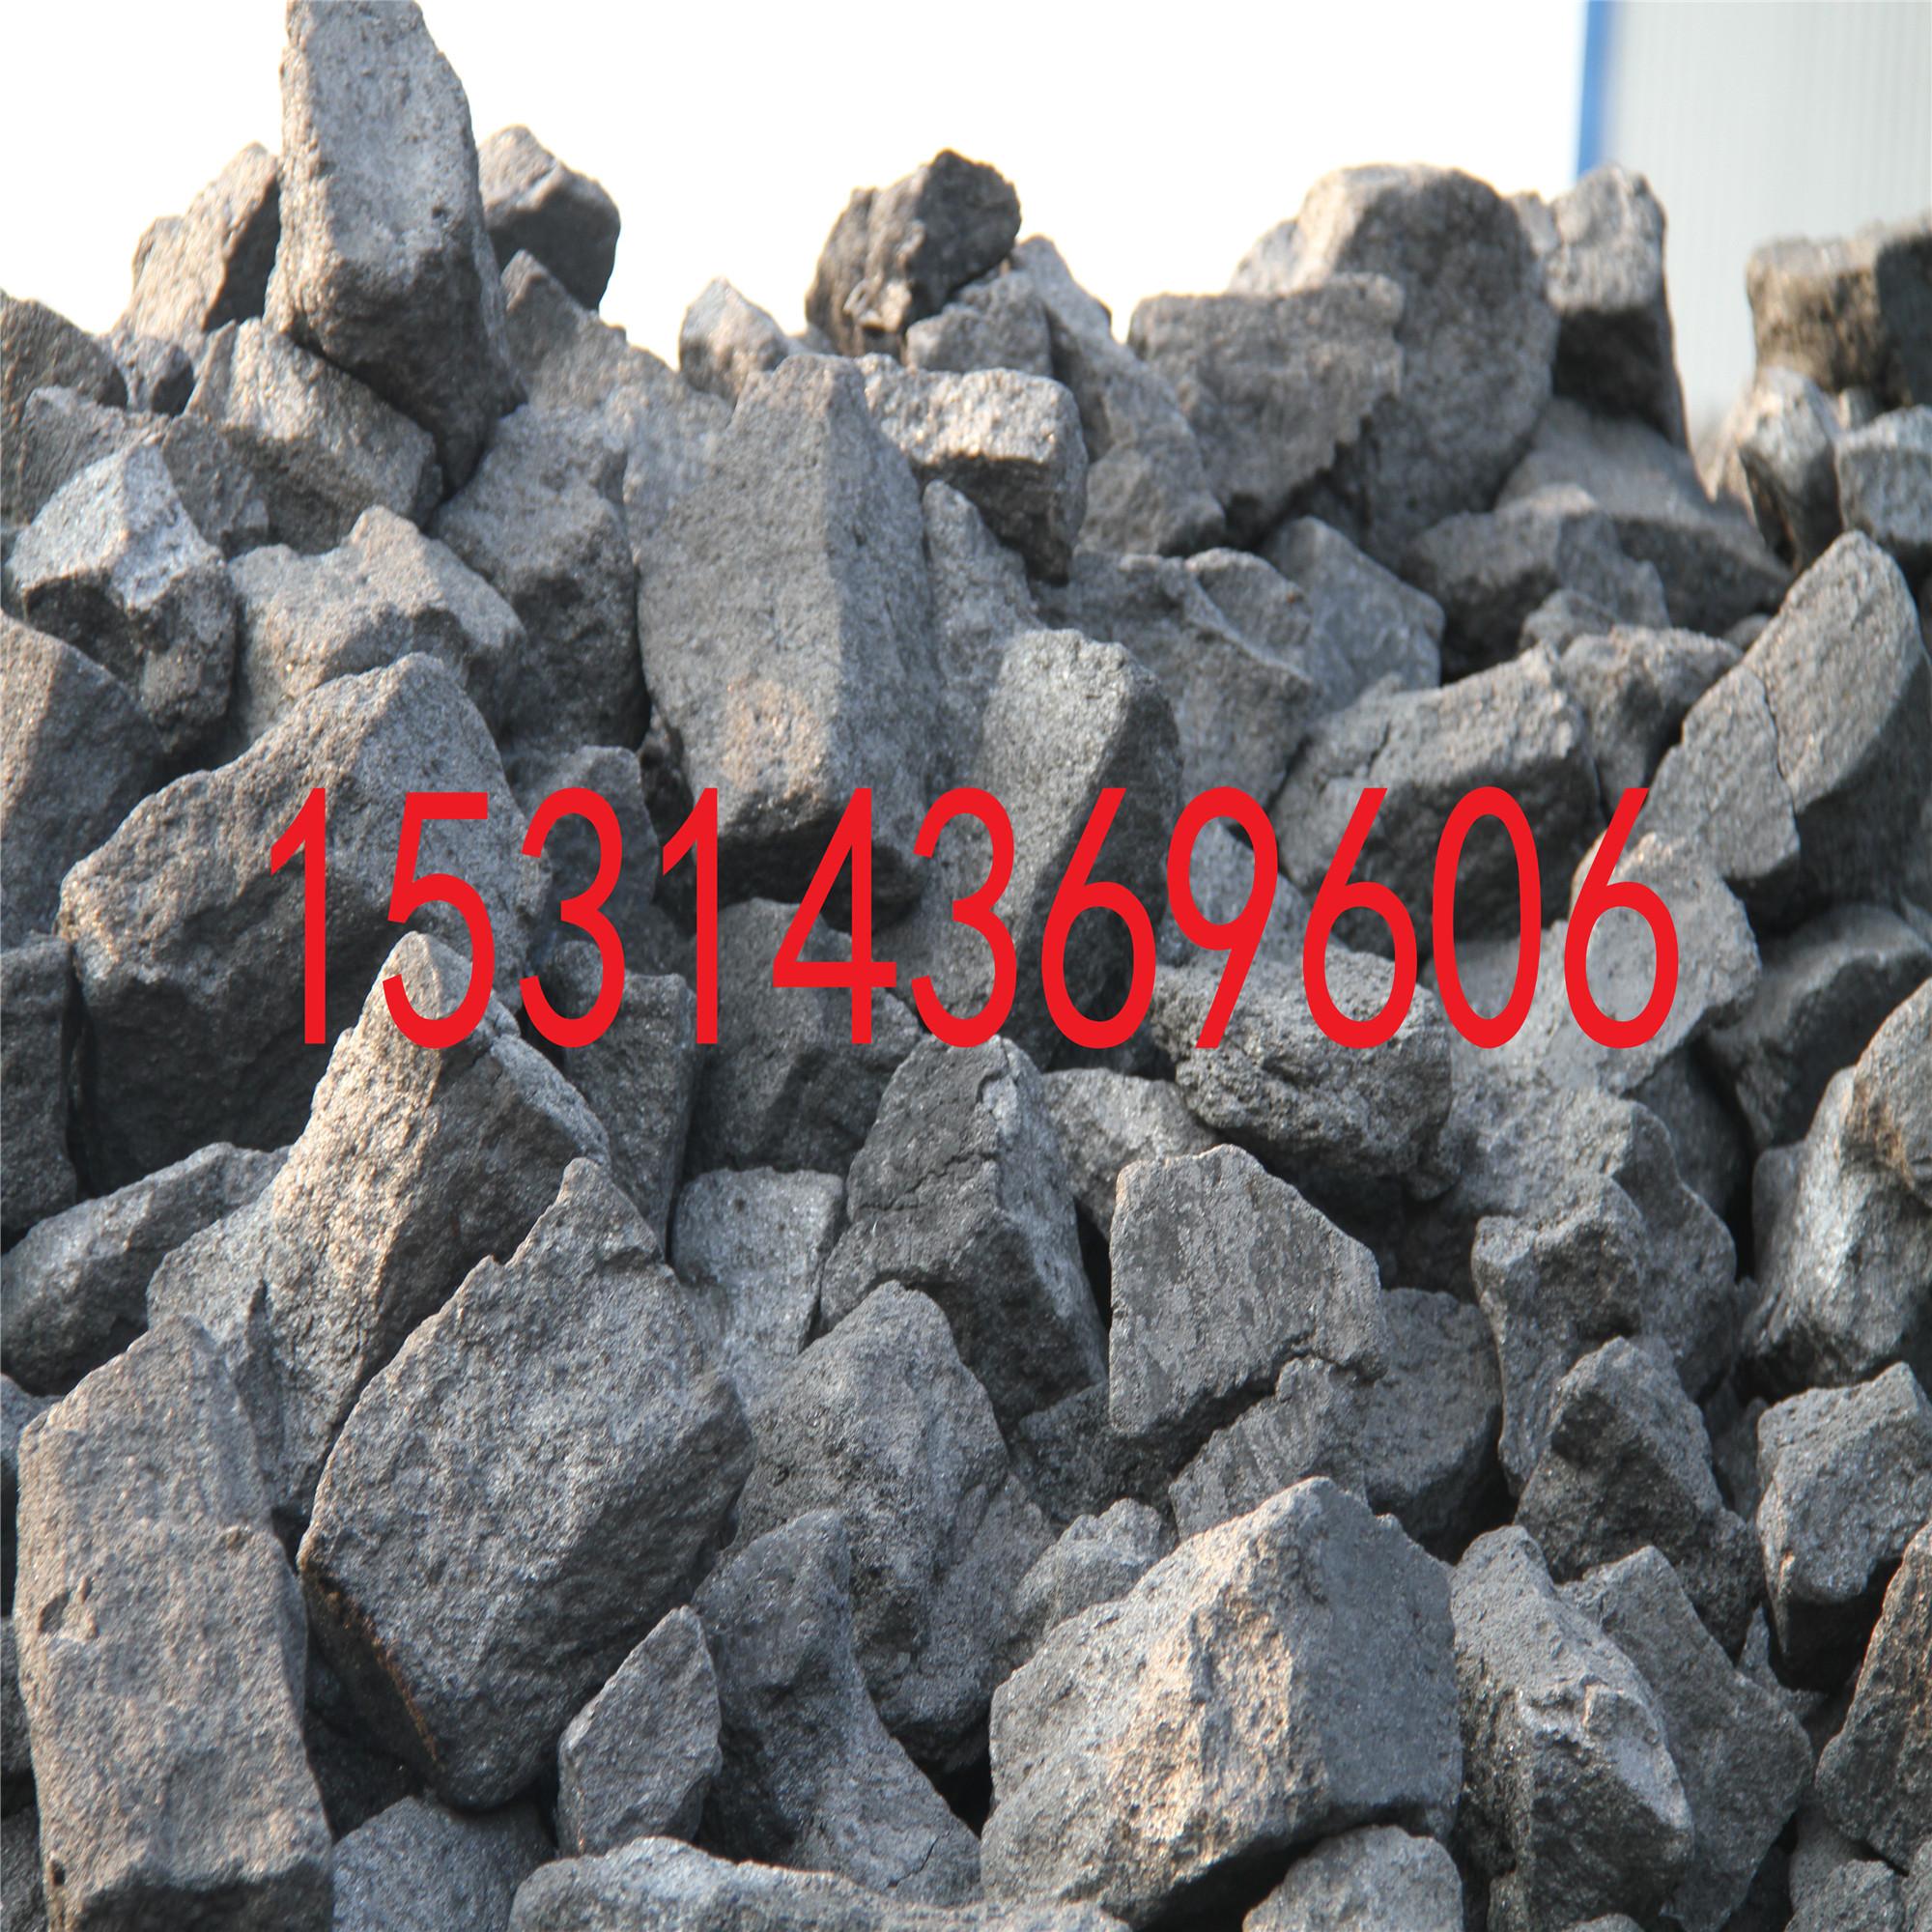 冶金焦、铸造焦、山东焦炭厂家,河北聊城高密潍坊广州低硫焦炭